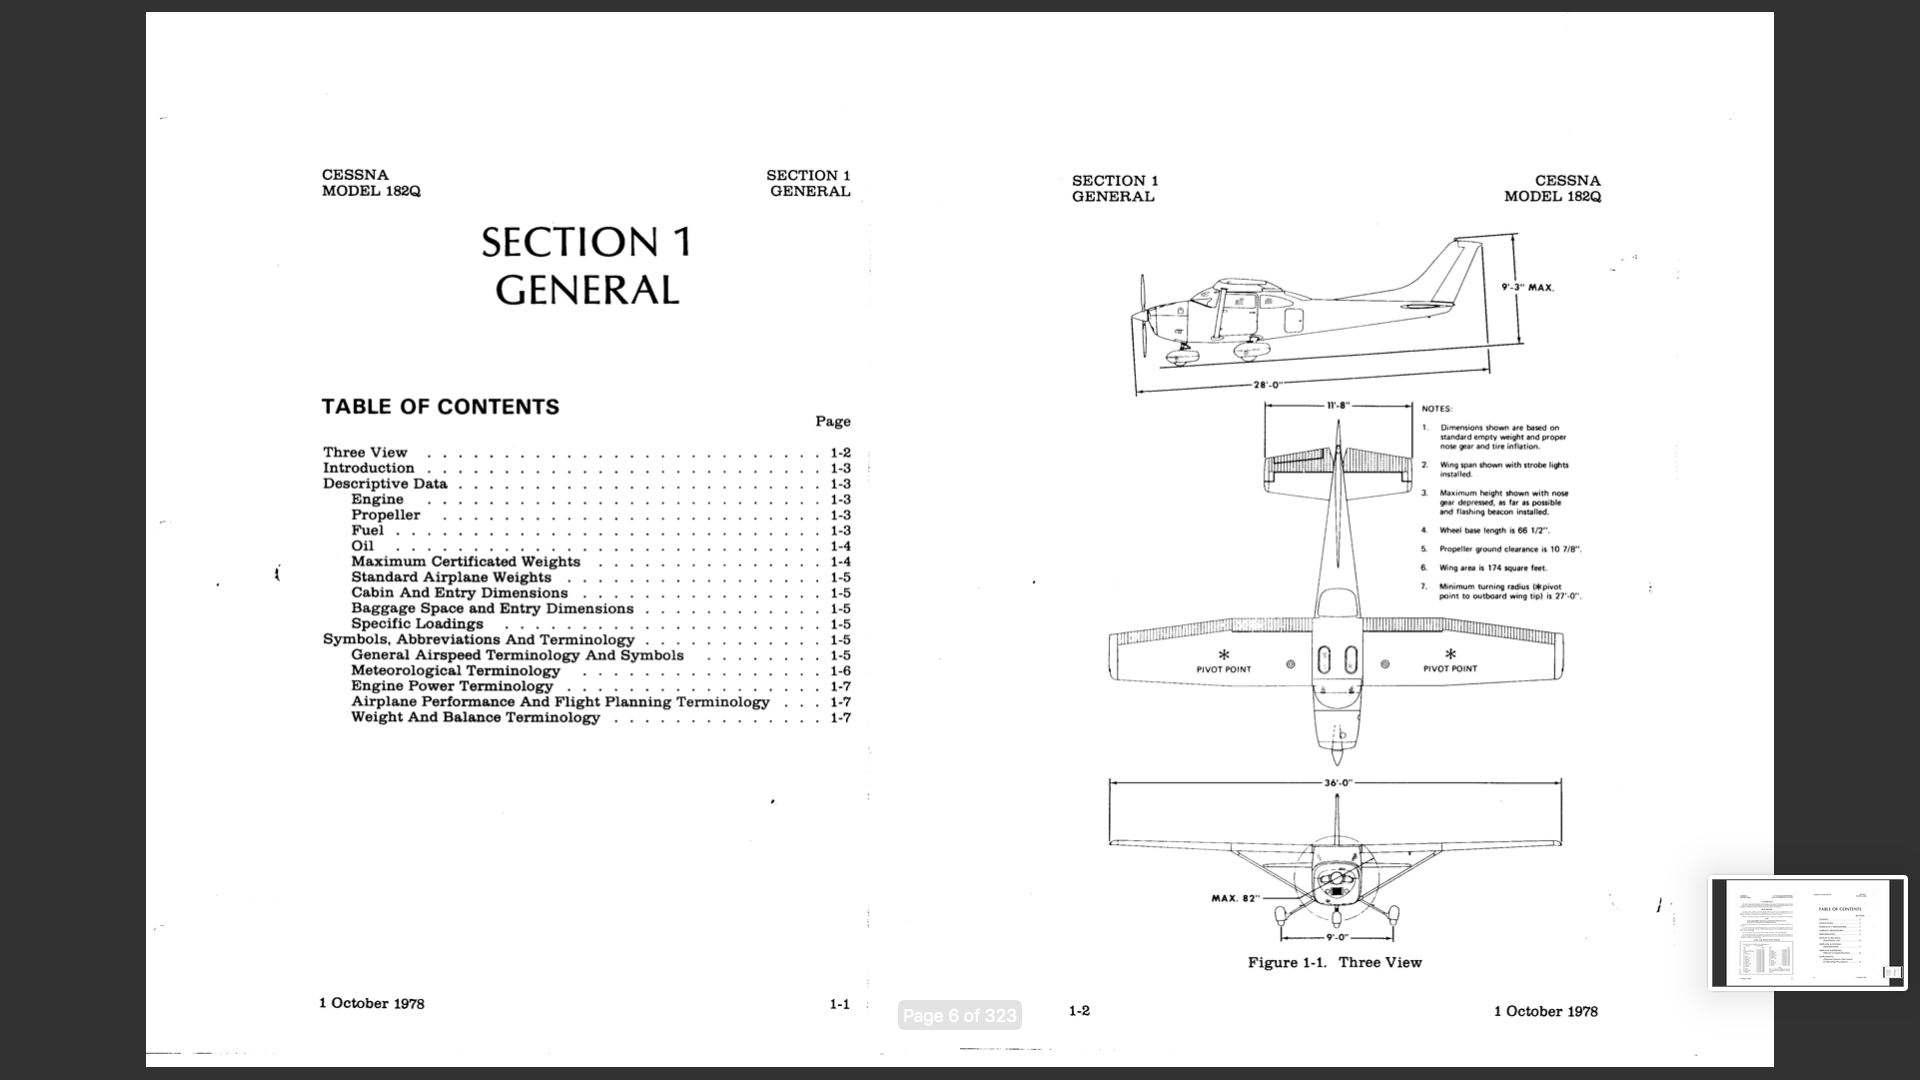 Manual del Operador Cessna C182 POH